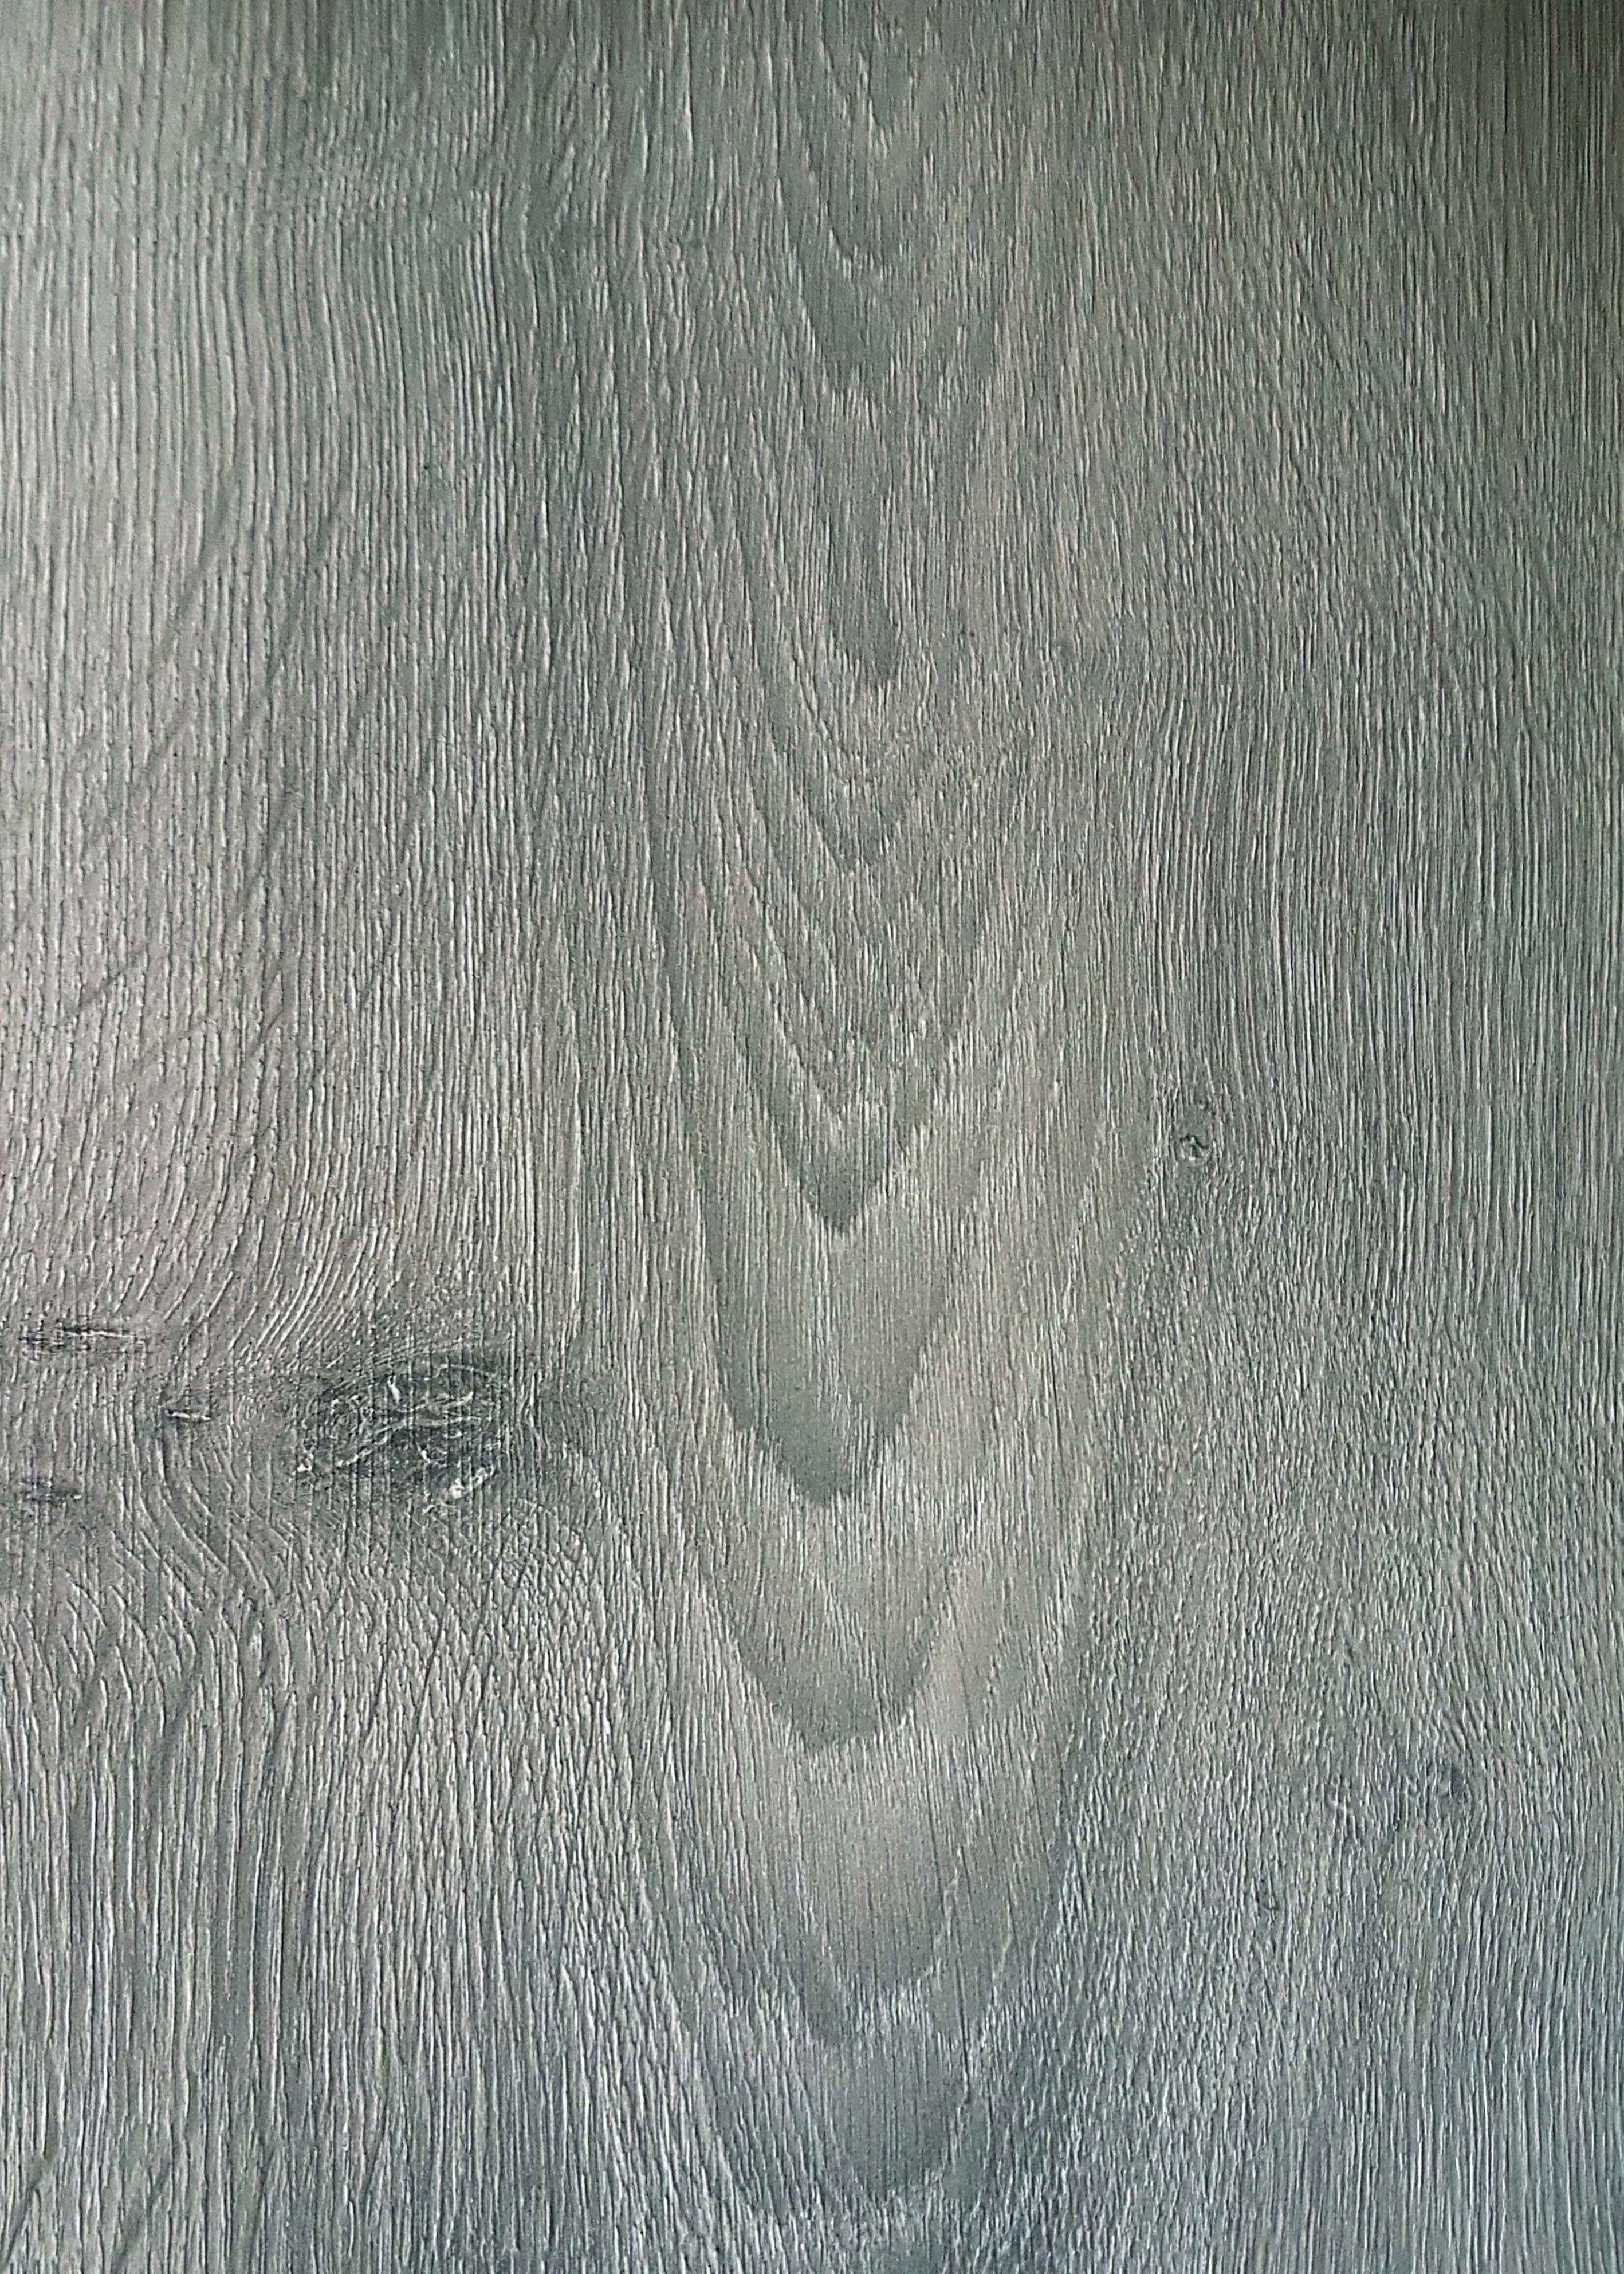 Caspian Oak